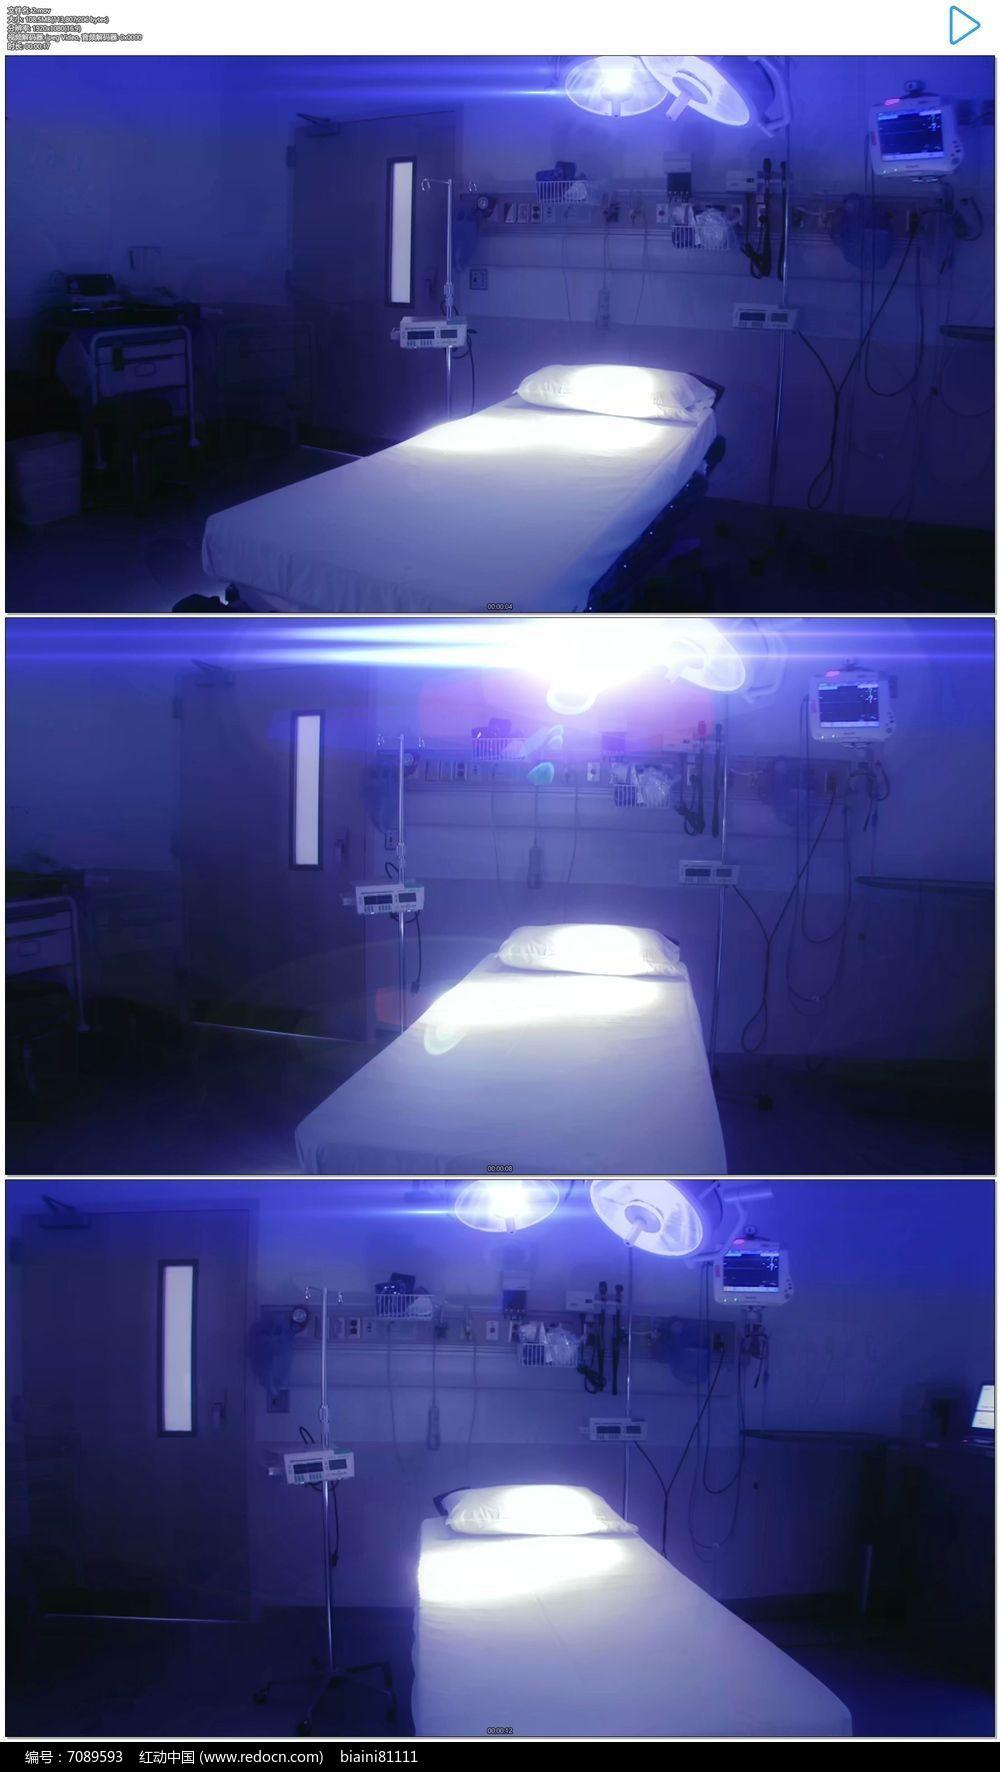 医院视频_医院急诊室实拍视频素材